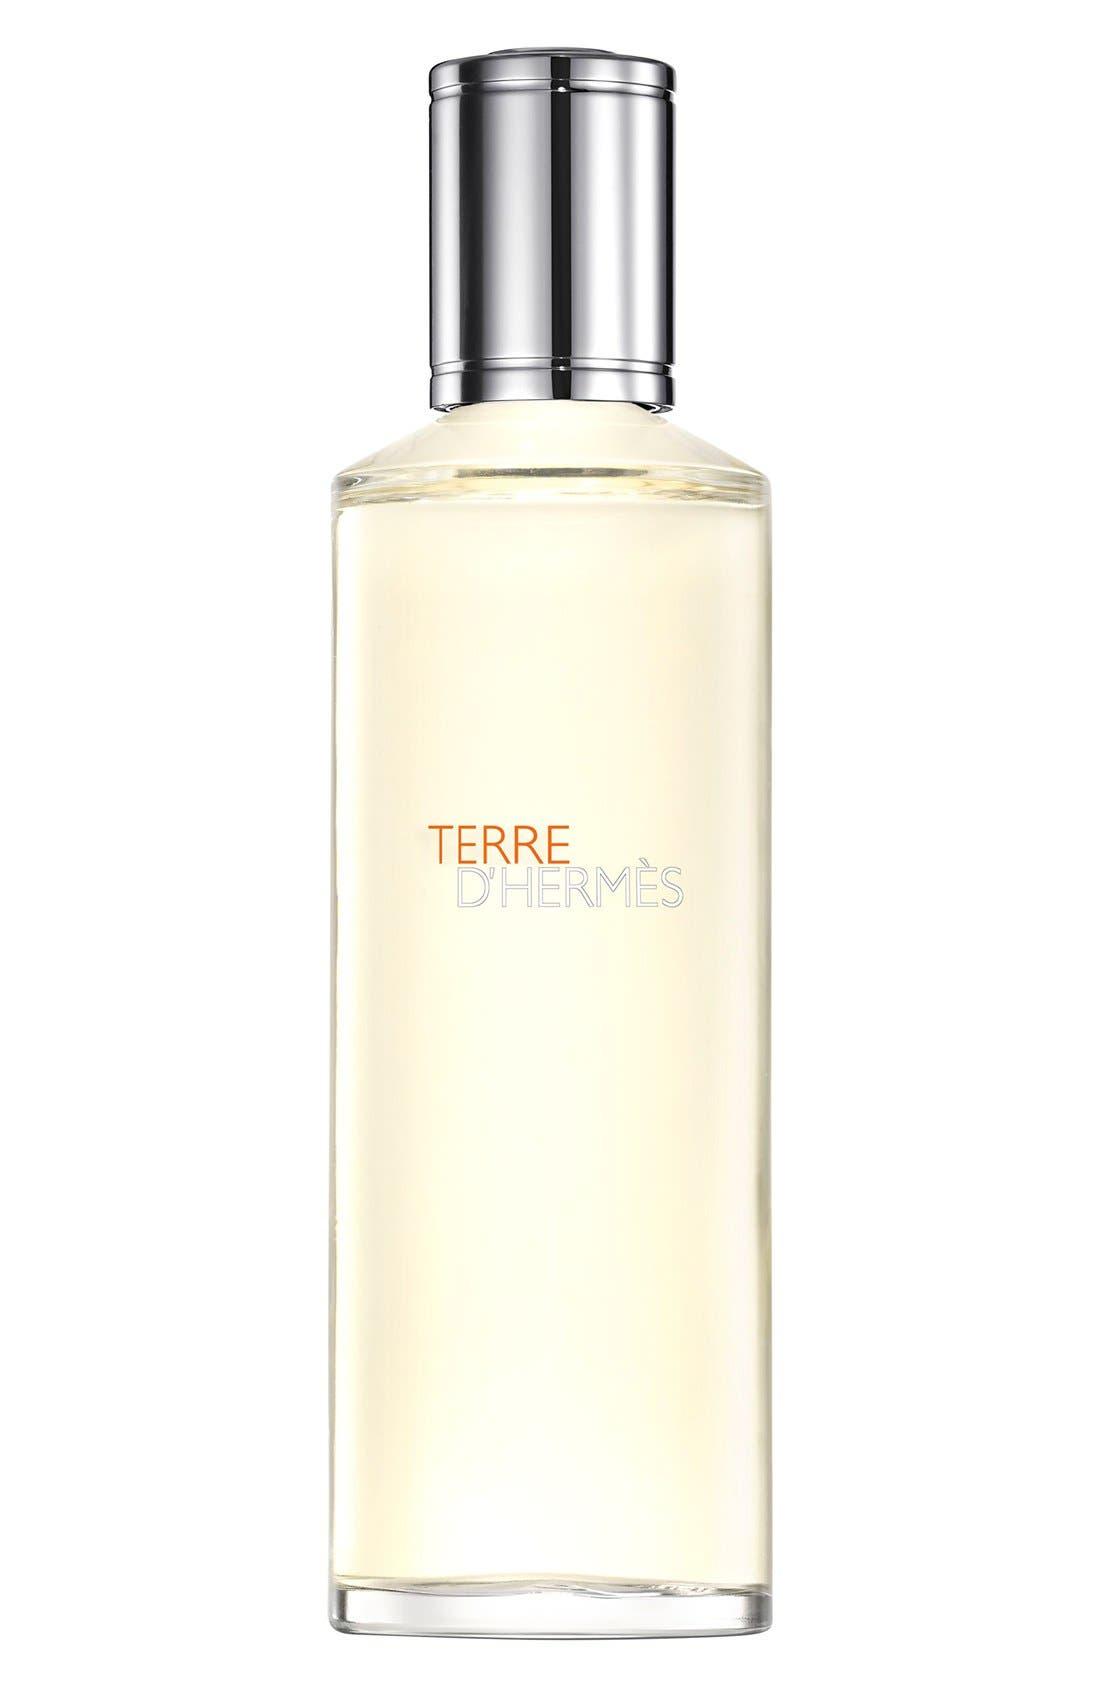 Terre d'Hermès - Eau très fraîche Bel Objet refill bottle,                             Main thumbnail 1, color,                             000